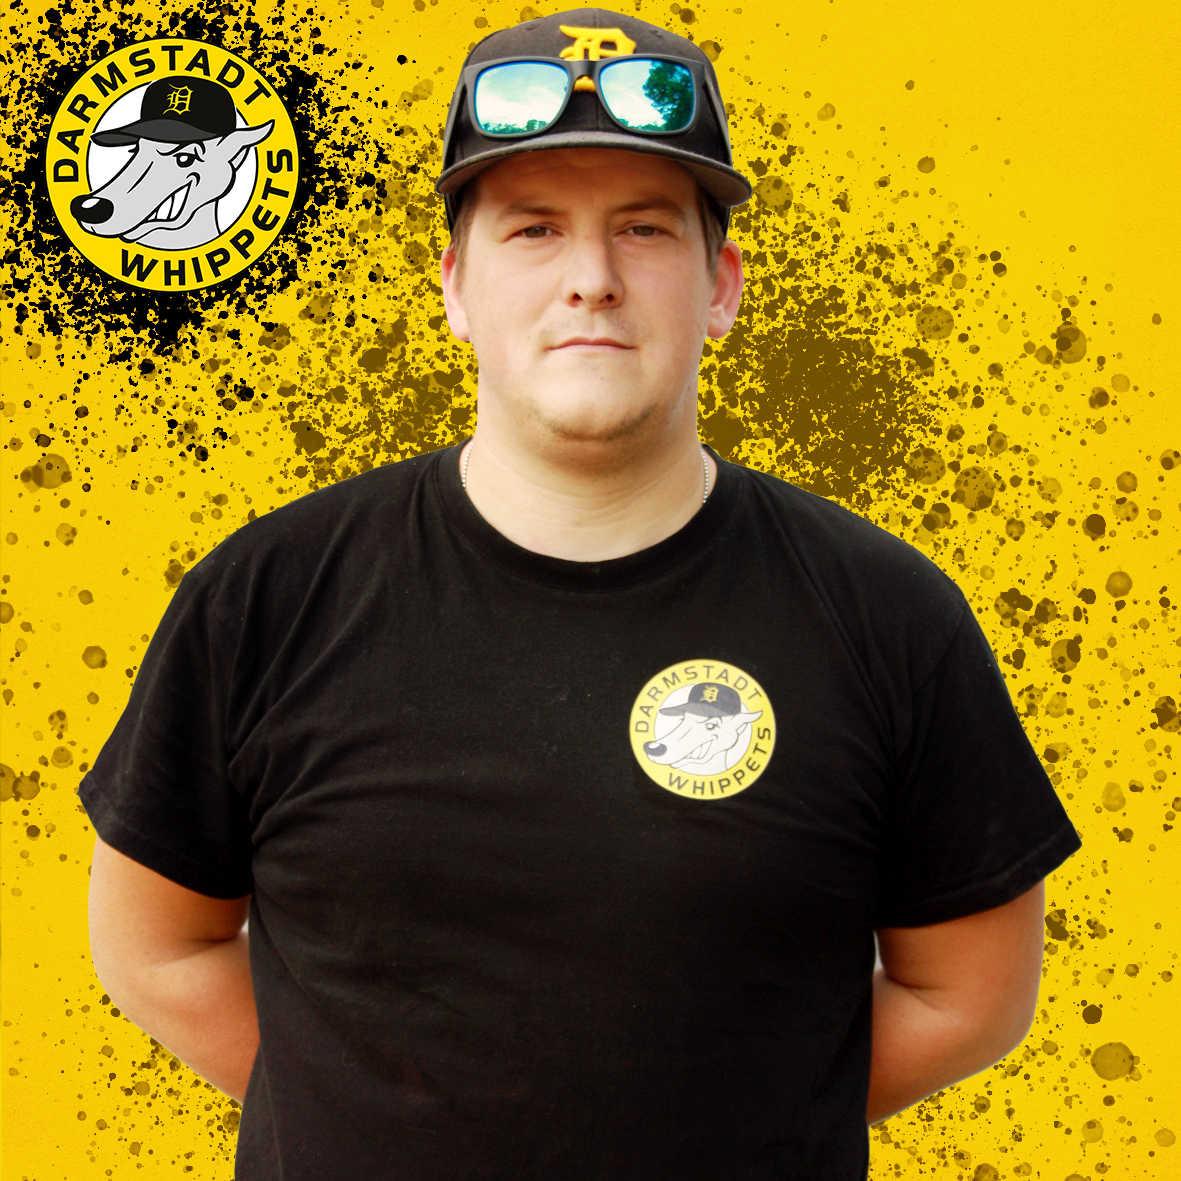 Daniel-Ziegler_Coach_10x10cm_300dpi.jpg